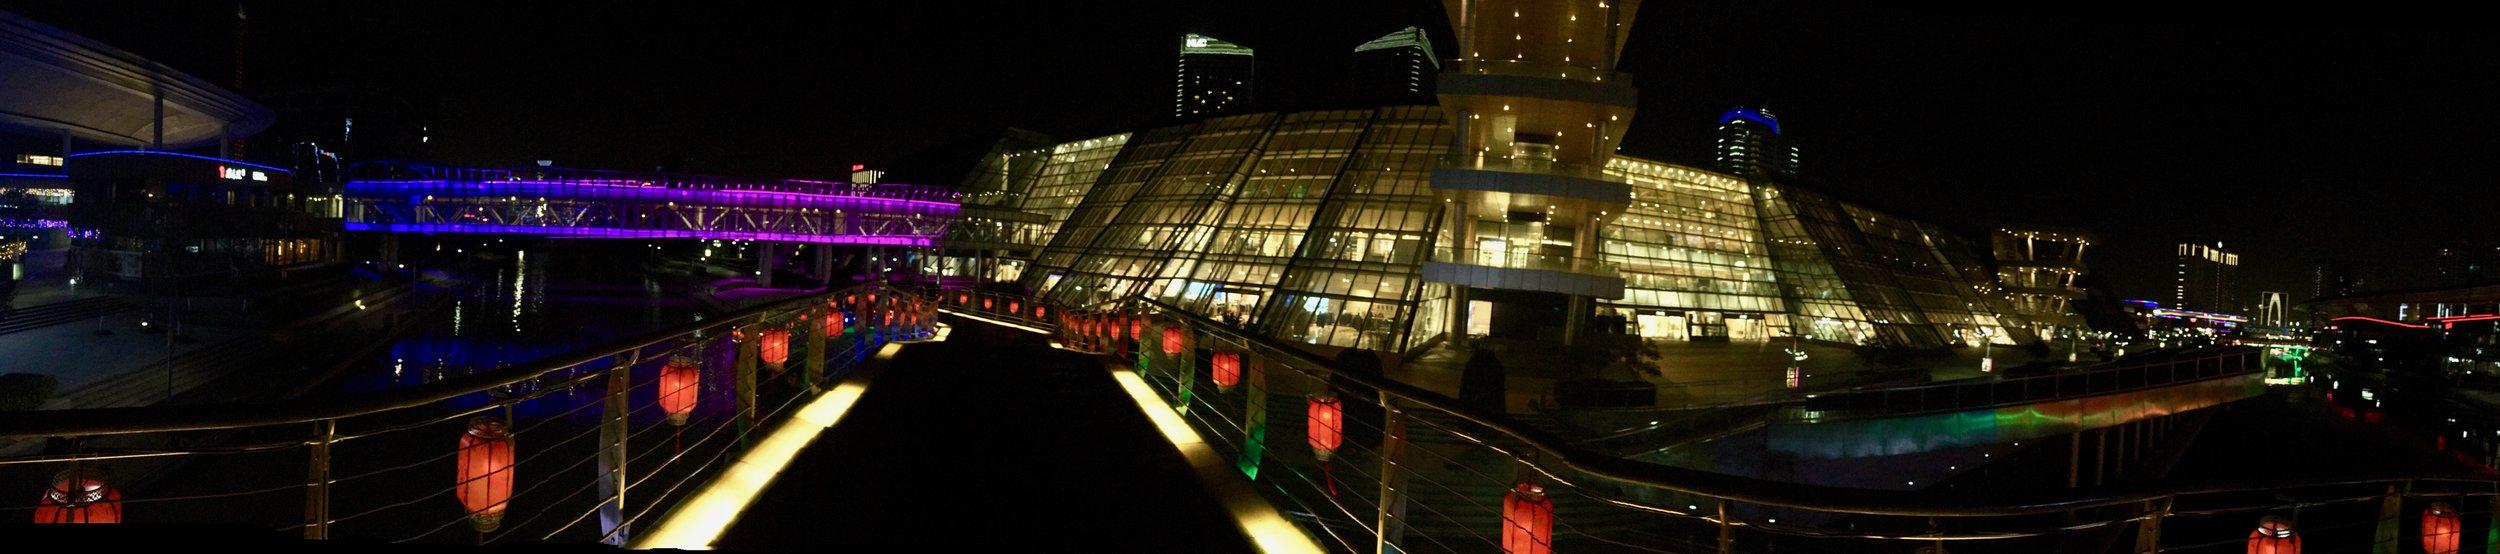 Pano of Suzhou at night.jpeg